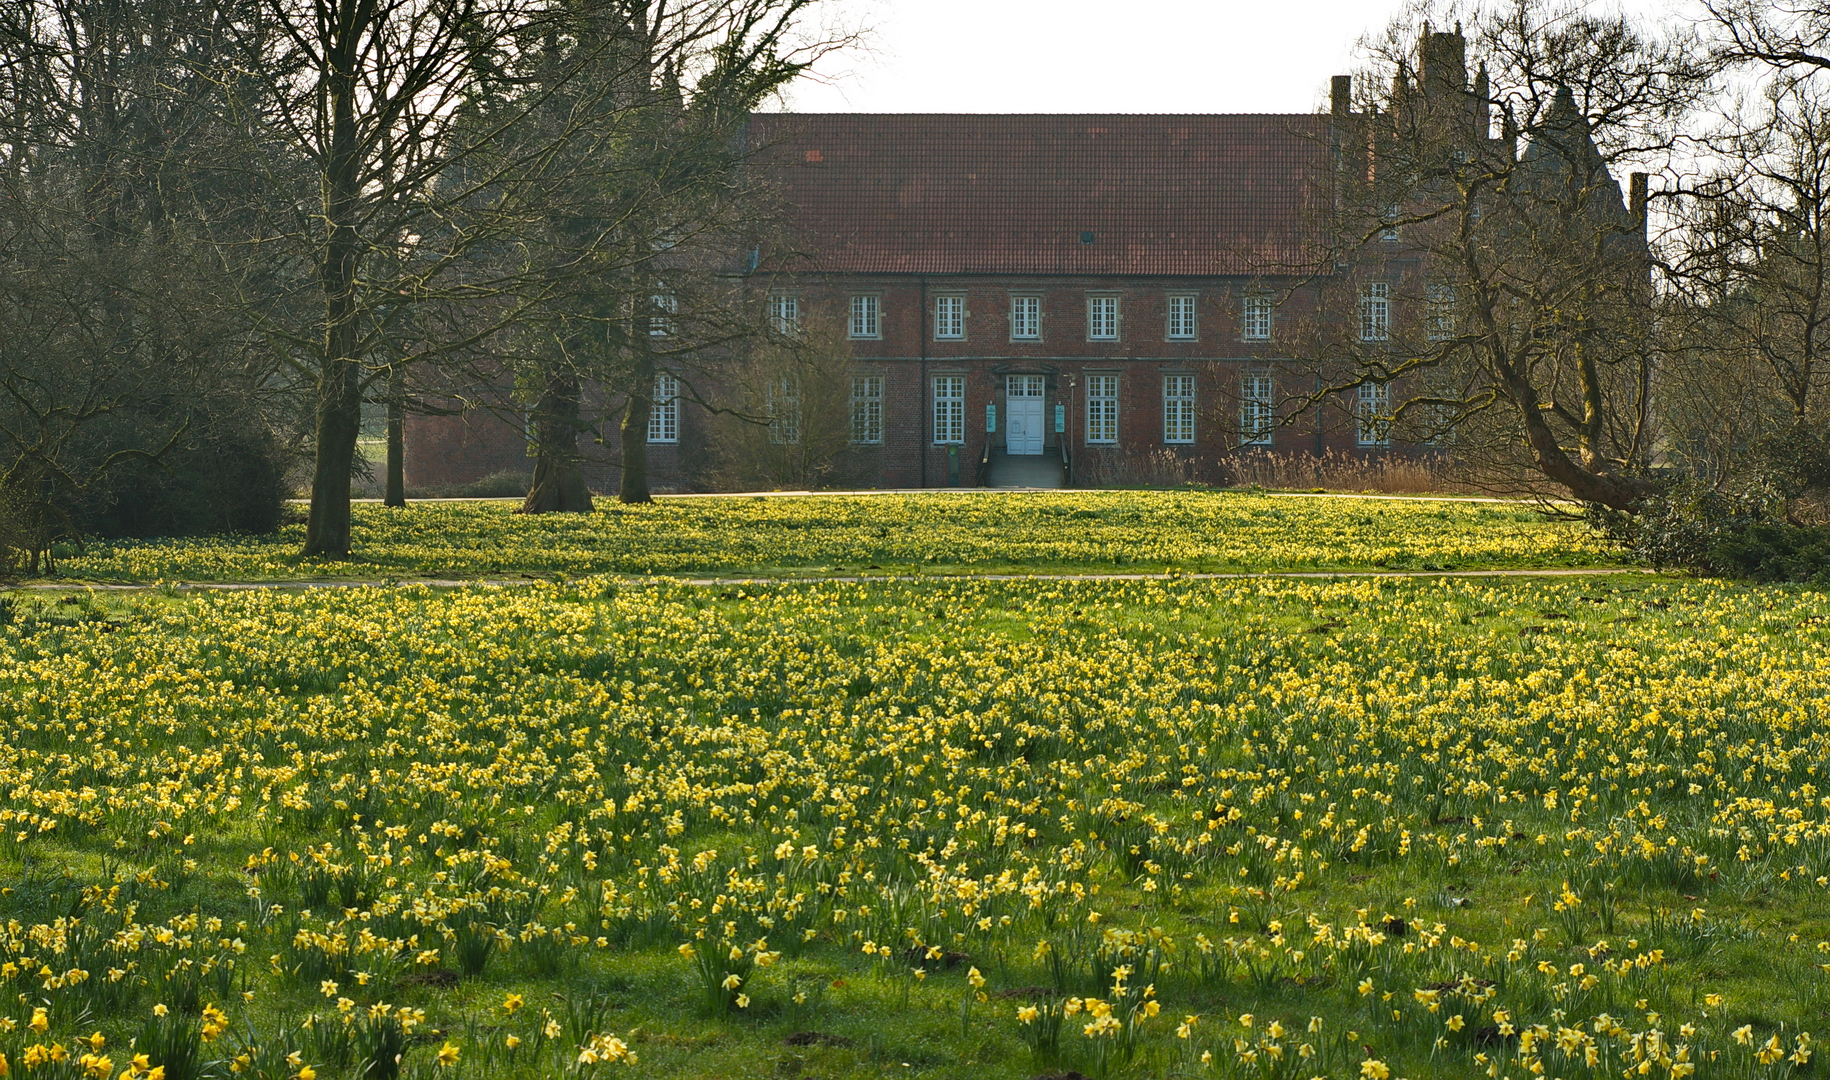 Narzissenwiese im Hertener Schlosspark, Frühjahr 2021.